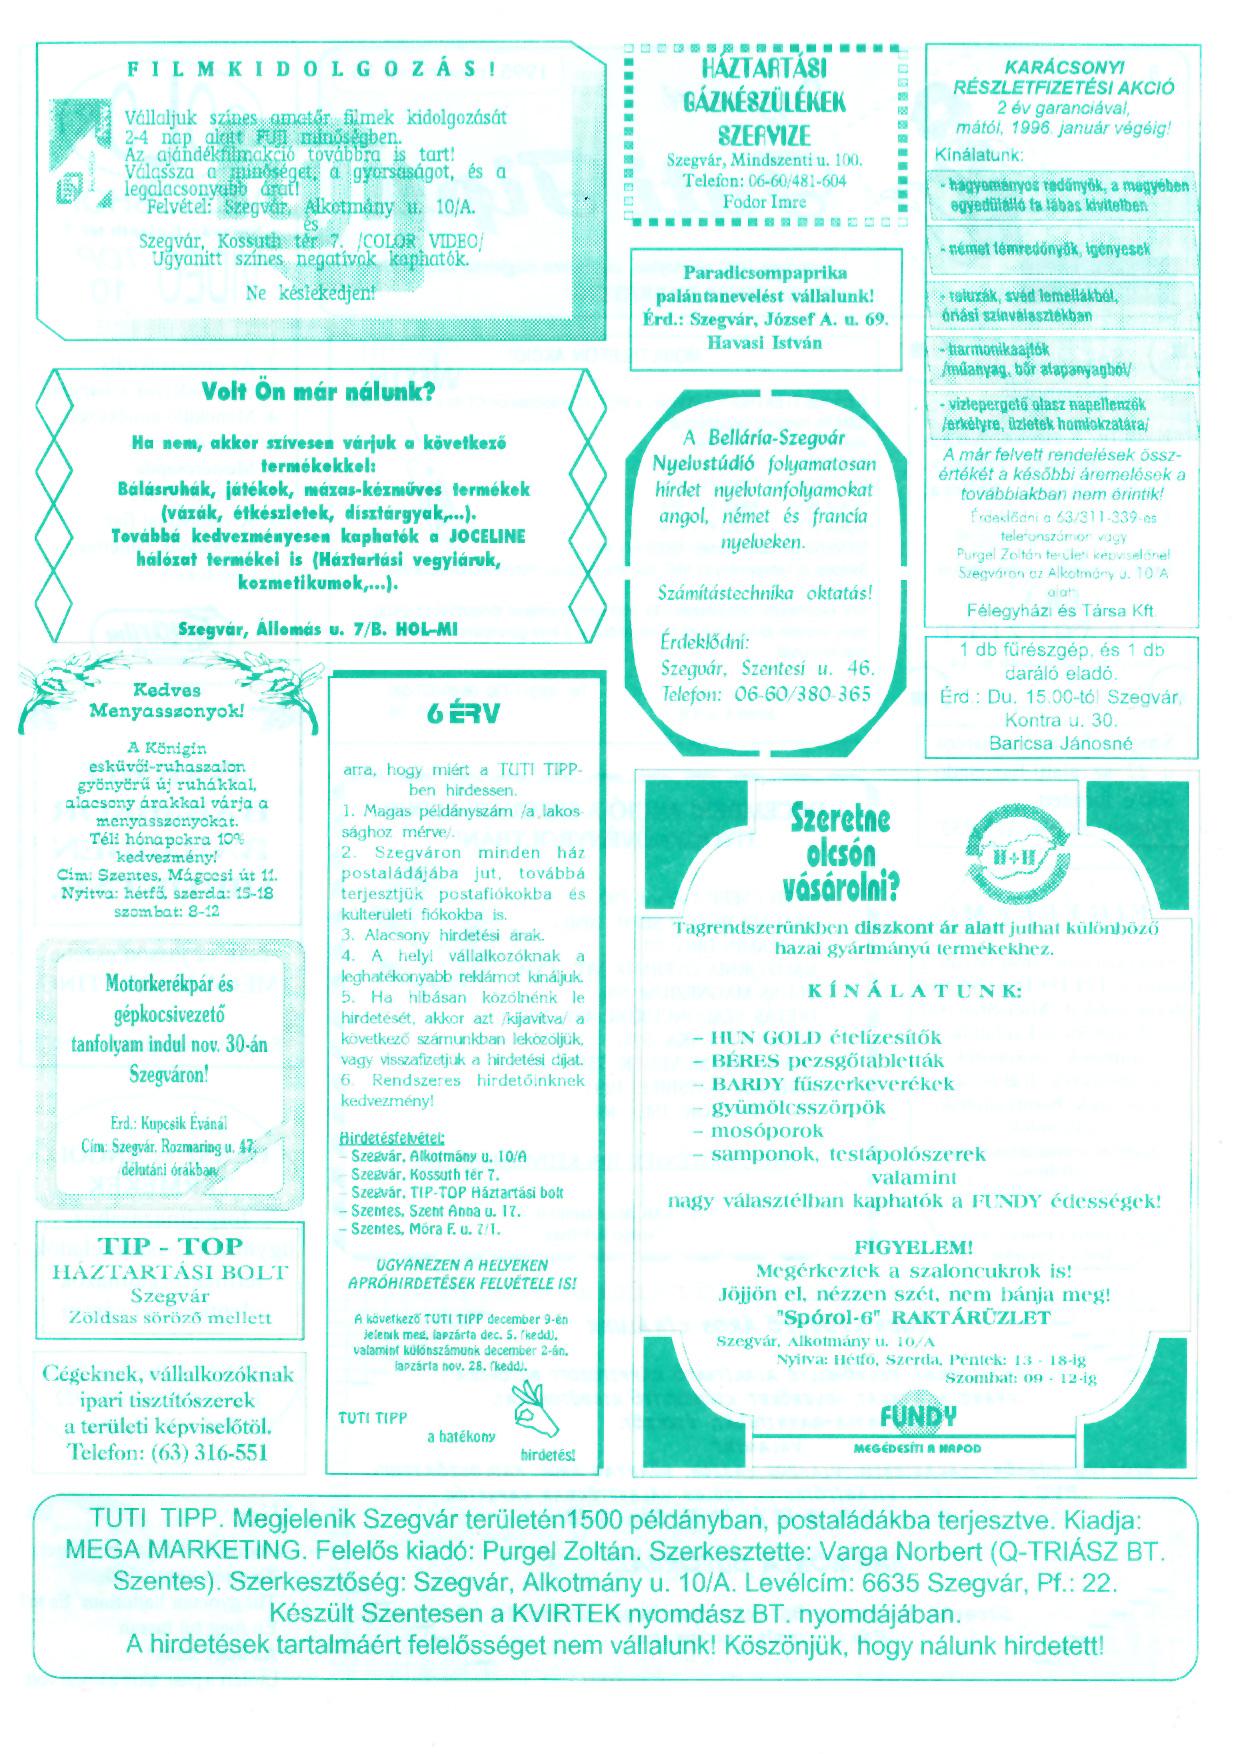 018 Szegvári Tuti Tipp reklámújság - 19951125-008. lapszám -2.oldal - I. évfolyam.jpg